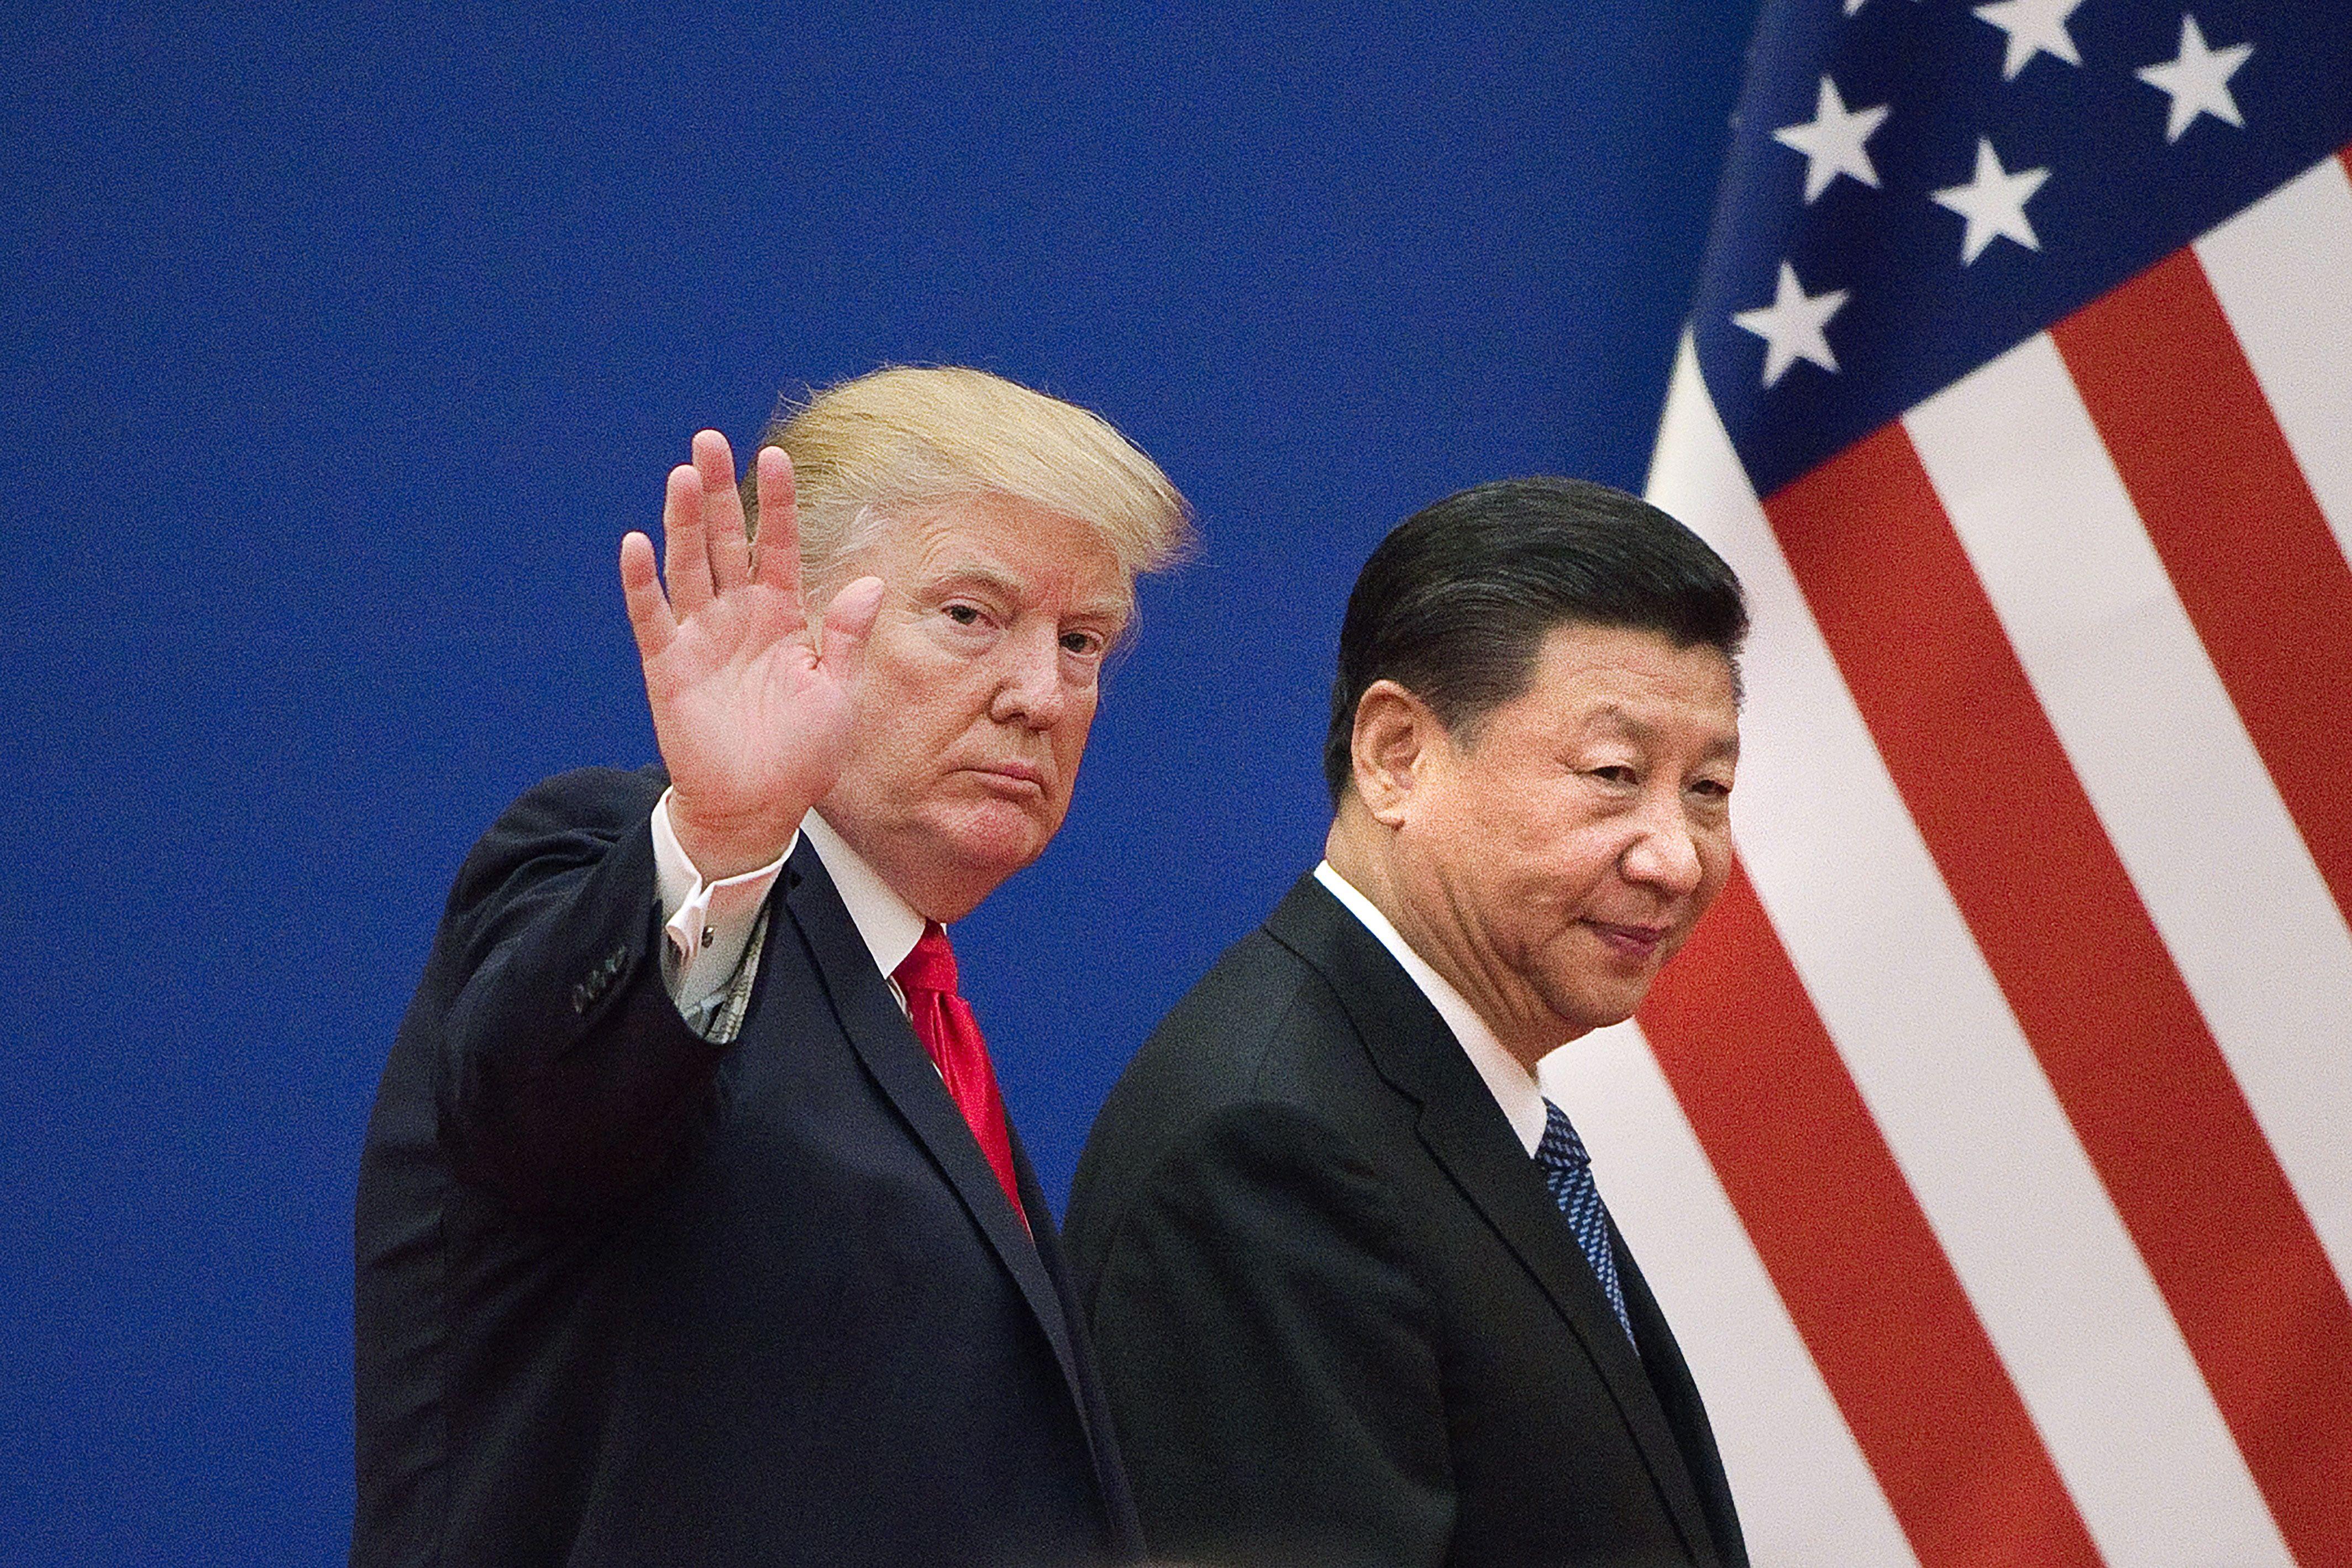 【新聞看點】特朗普施壓奏效 北京大動作示好